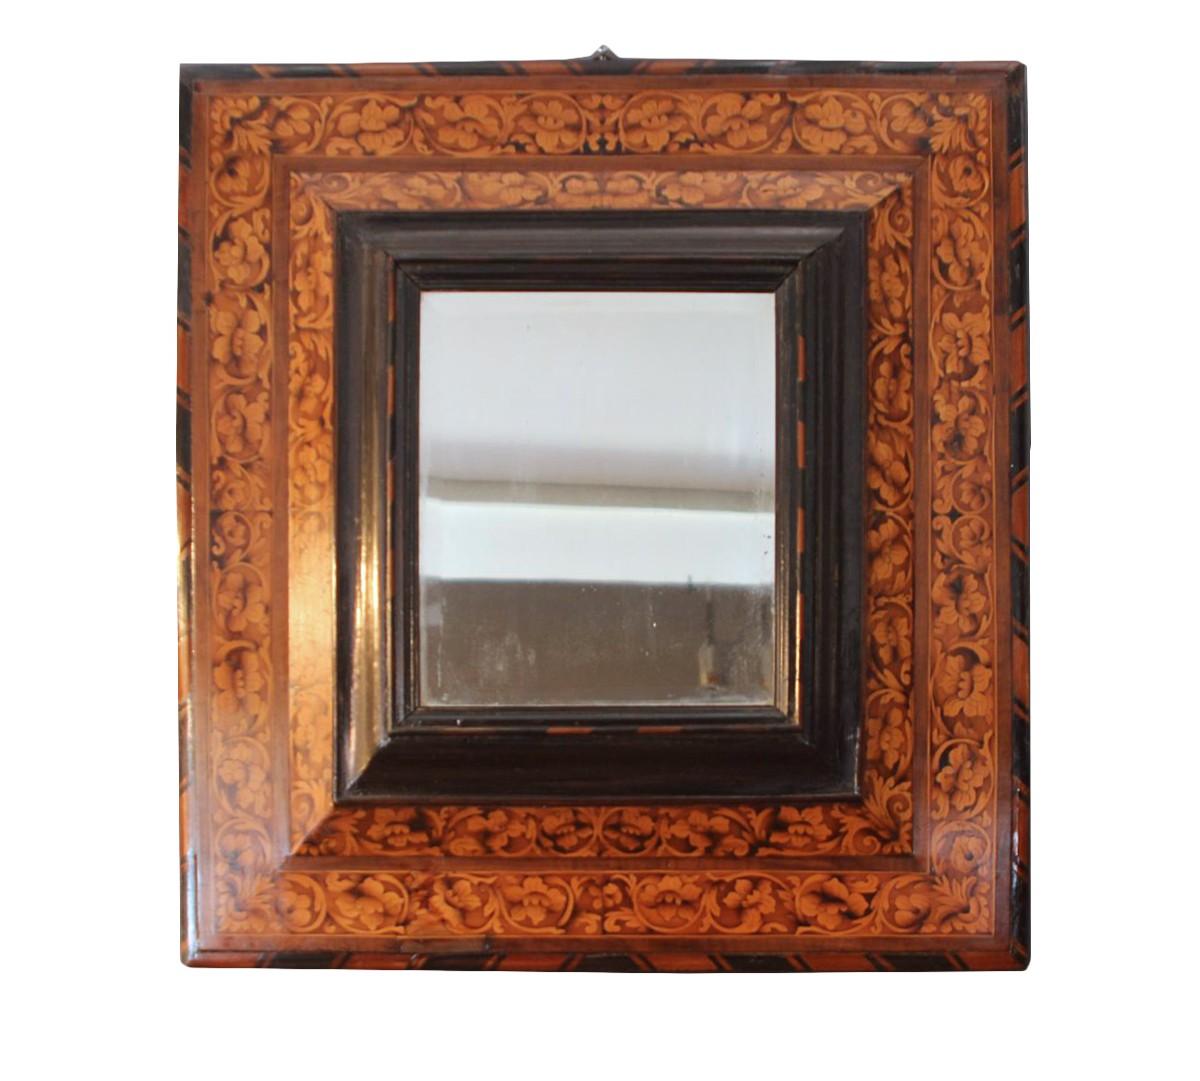 Miroir du languedoc poque louis xiv xviie si cle for Miroir louis xiv